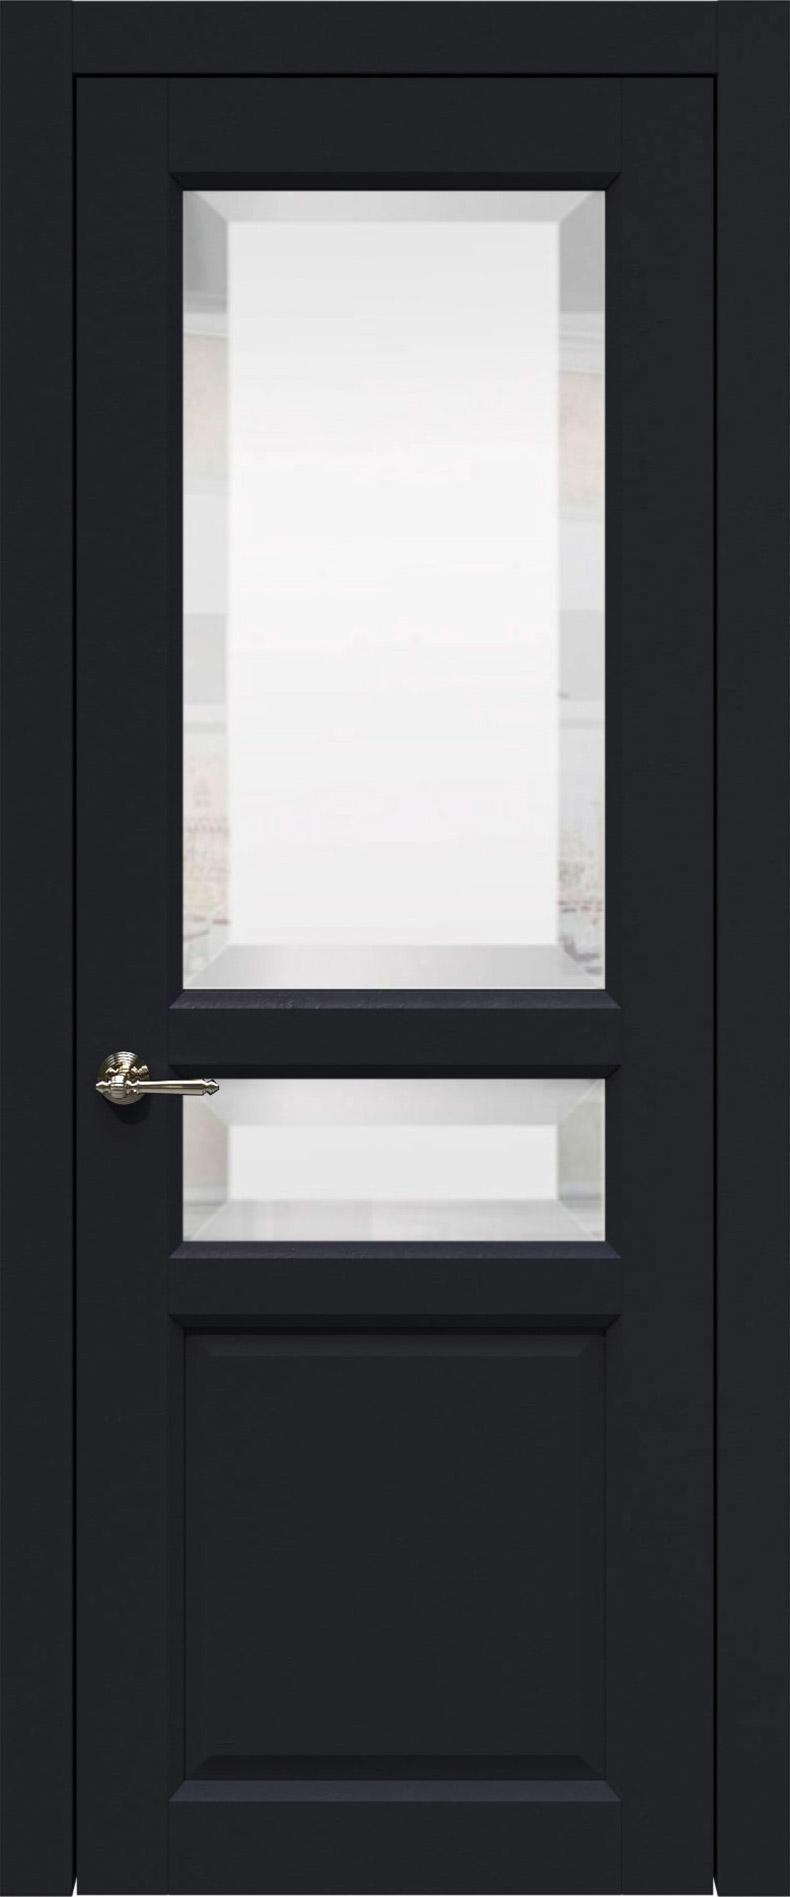 Imperia-R цвет - Черная эмаль (RAL 9004) Со стеклом (ДО)